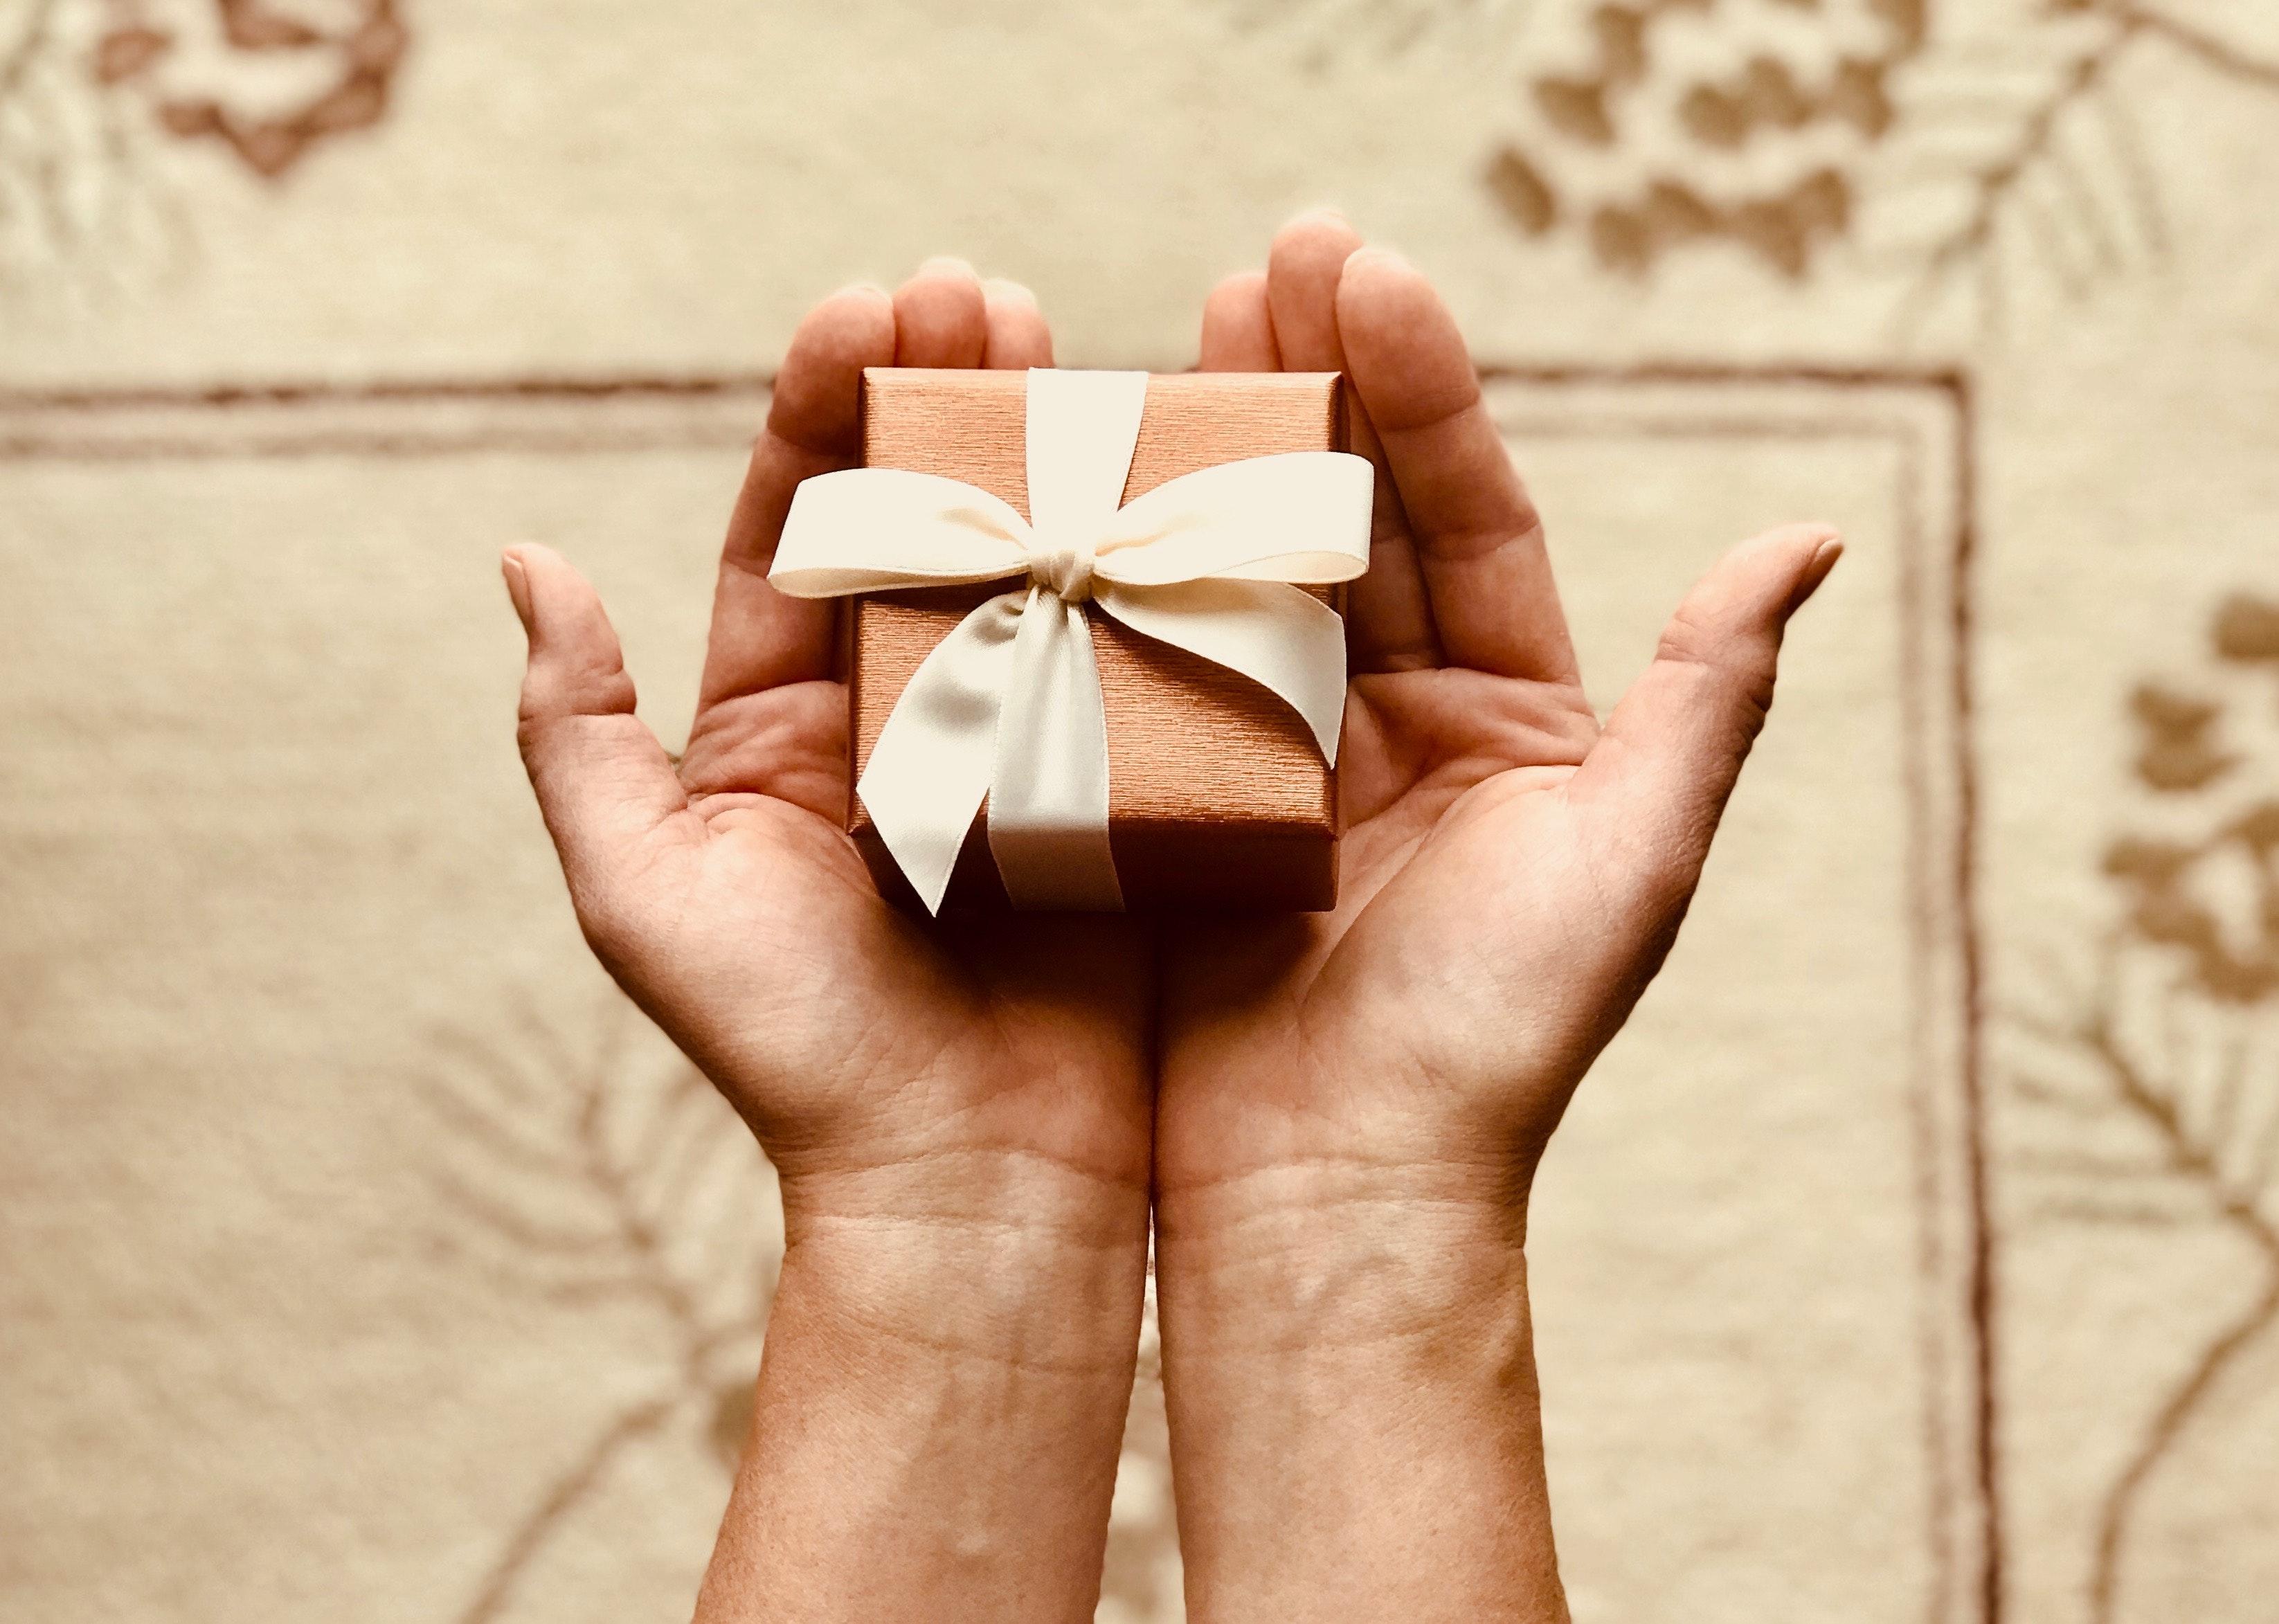 Idei de cadouri - Cefacicândvinevorbadecumpărareacadourilor?!